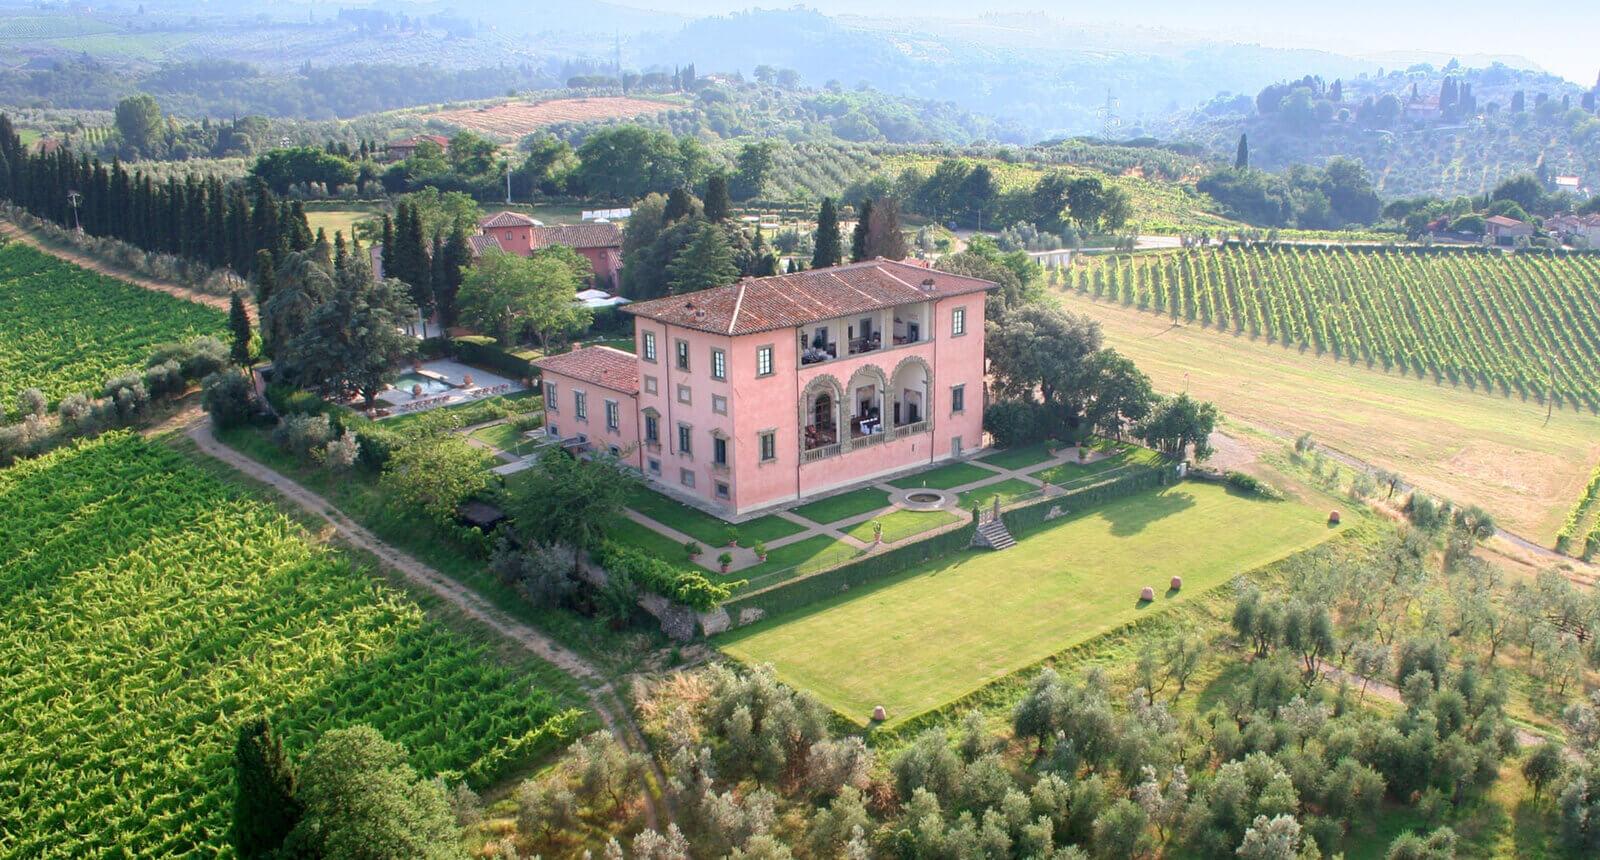 Villa Mangiacane San Casciano in Val di Pesa, Toscana Italia